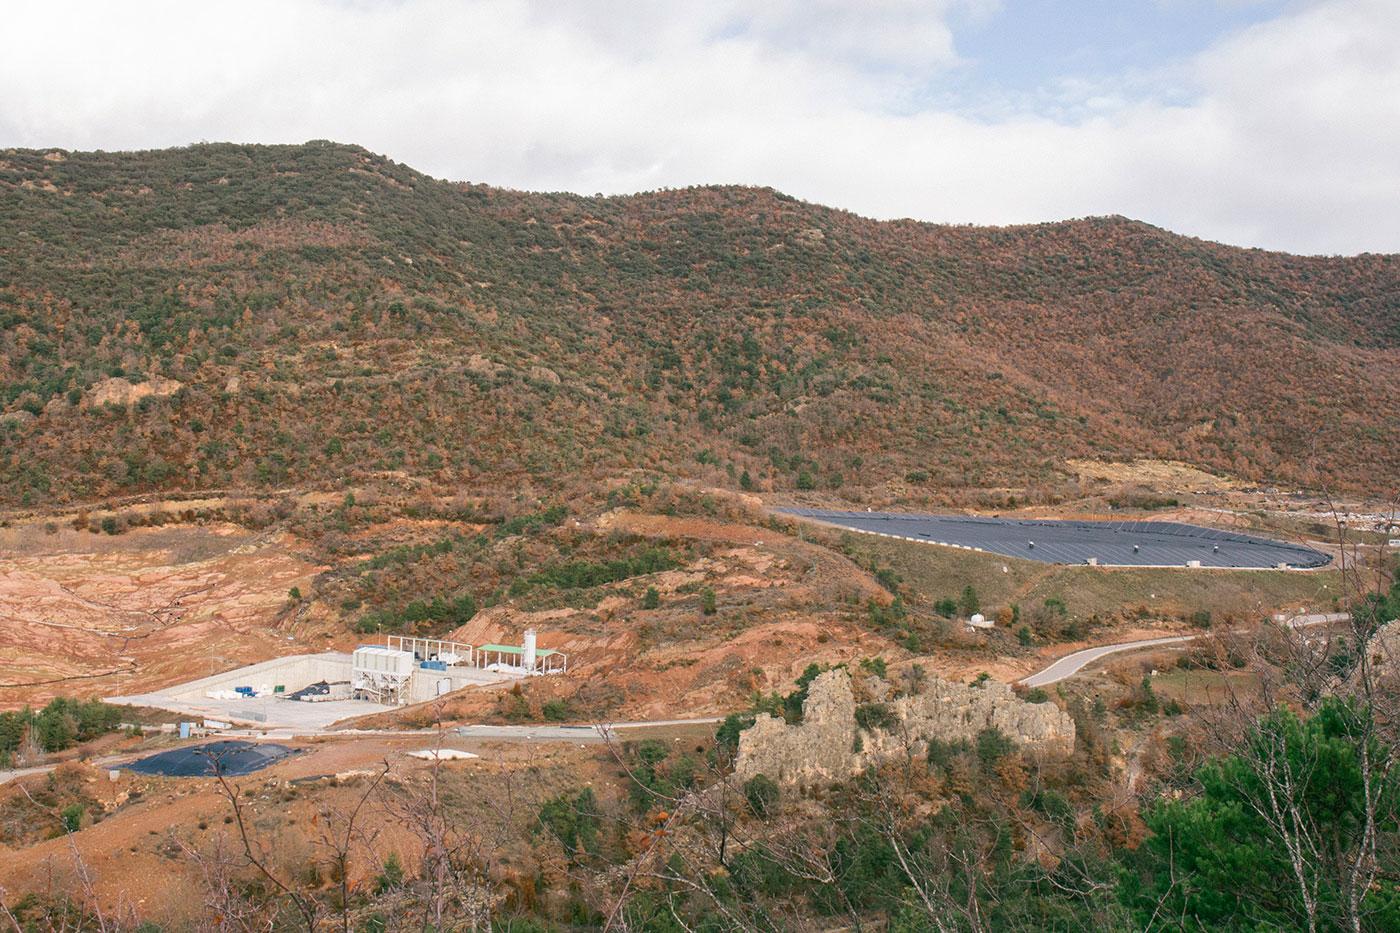 El vertedero de Bailín es el mayor basurero de lindano de Europa y Asia Central